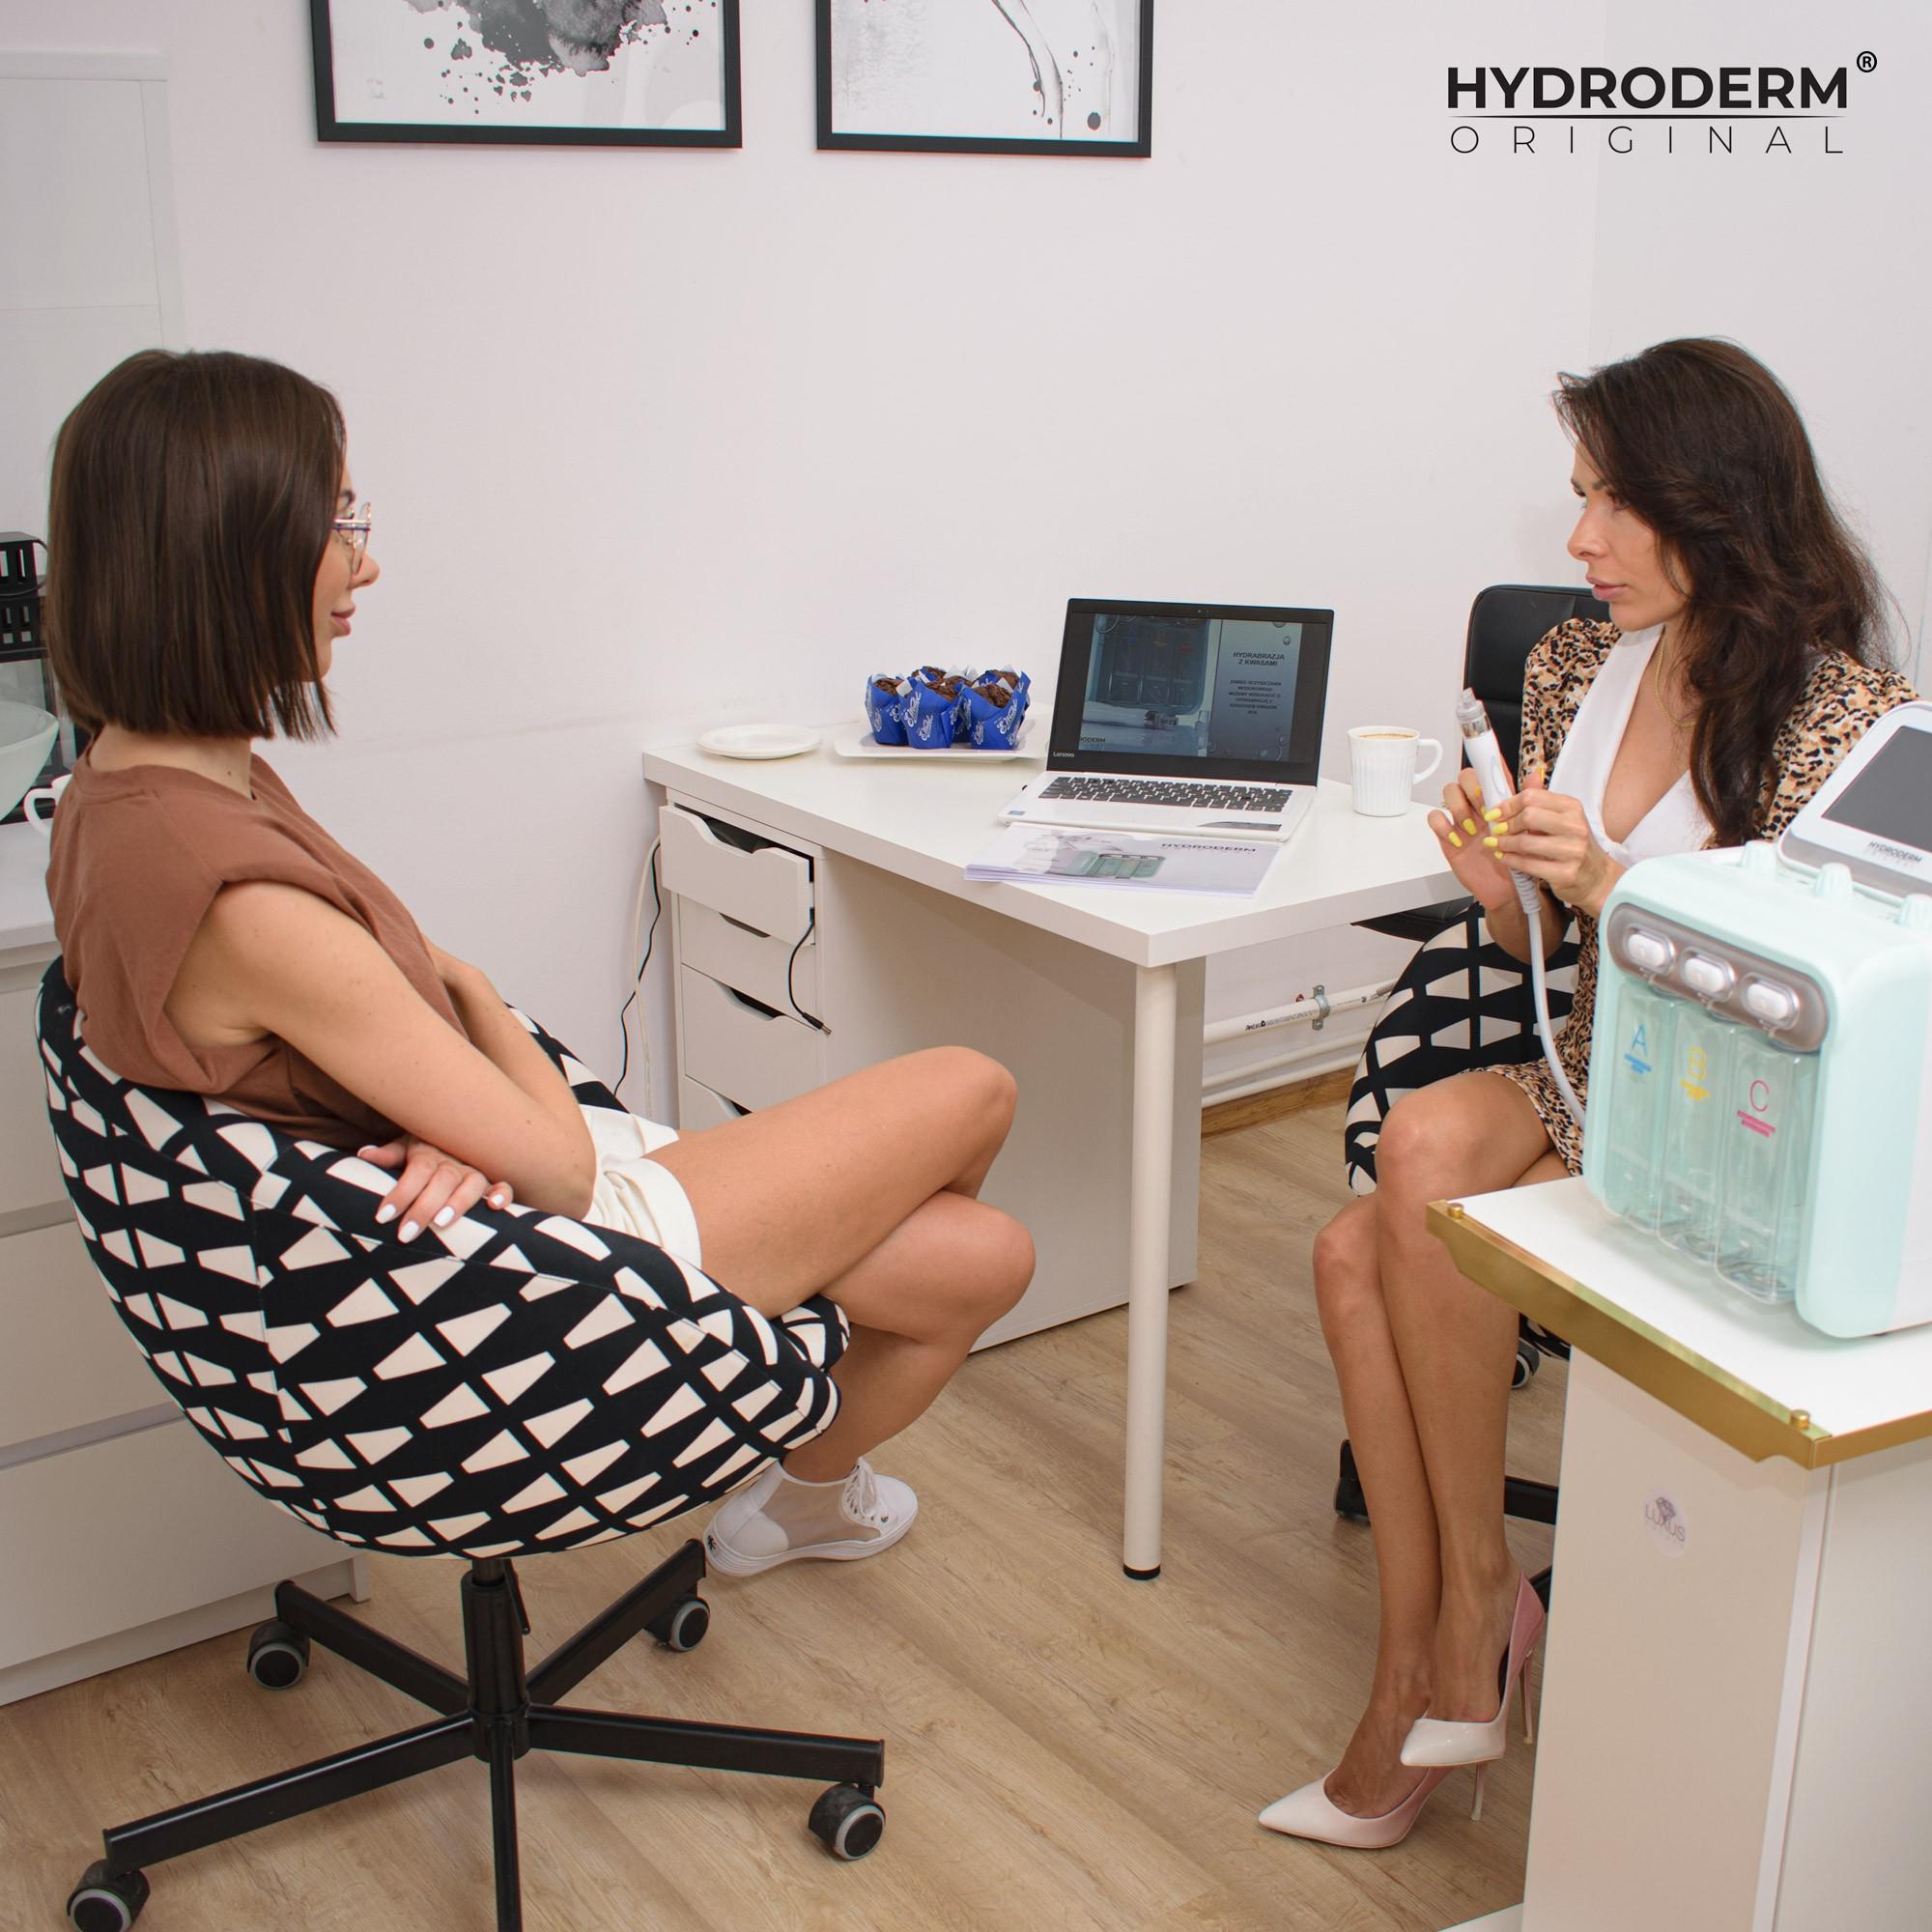 Na lekcji teorytycznej kosmetolog korzysta z wcześniej przygotowanych materiałów szkoleniowych